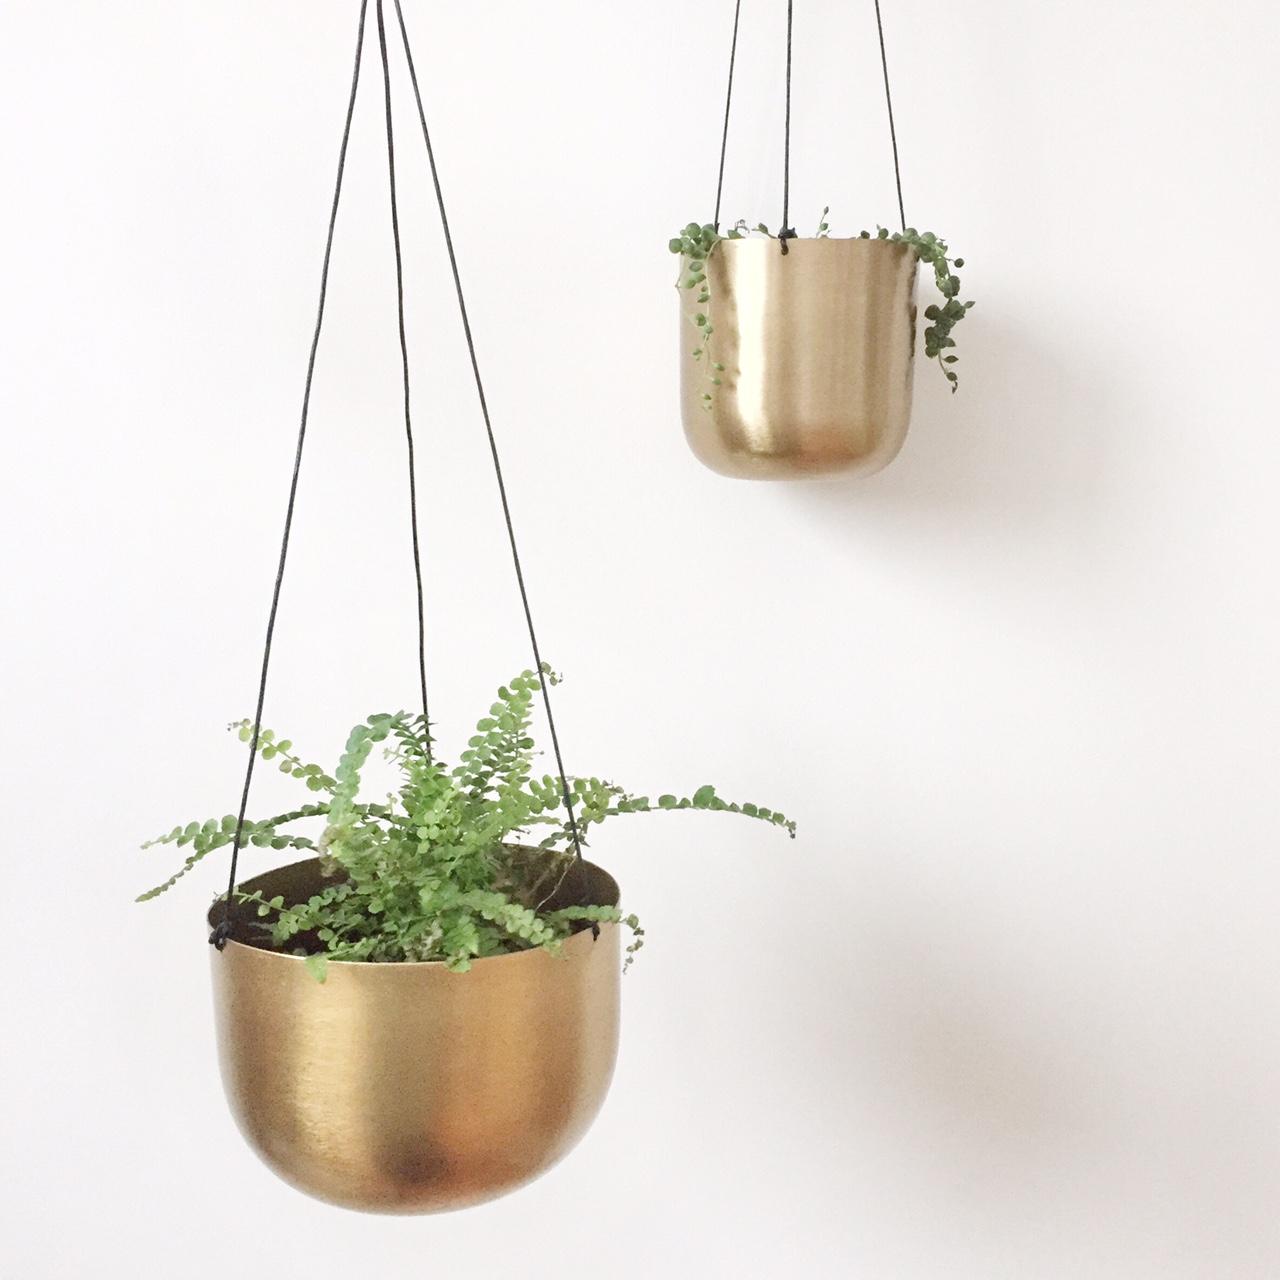 Suspension Pour Plantes D Intérieur plantes d'intérieur : mon expérience, conseils pour avoir la